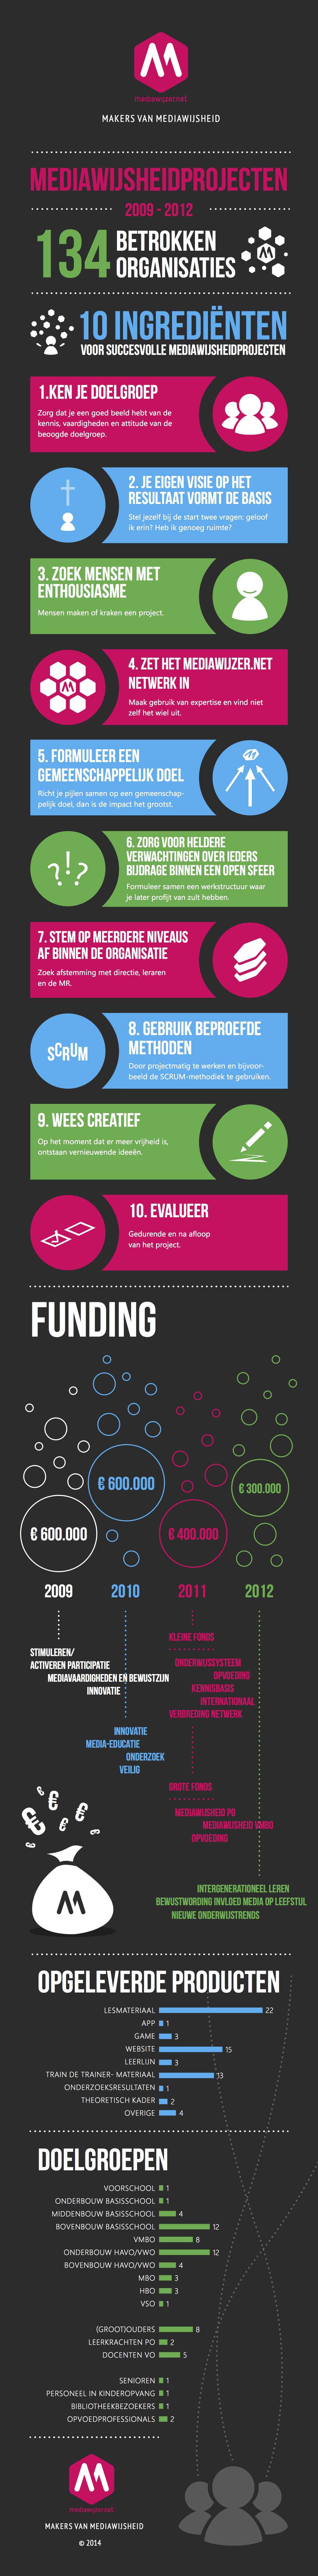 Infographic Mediawijzer.net 10 tips